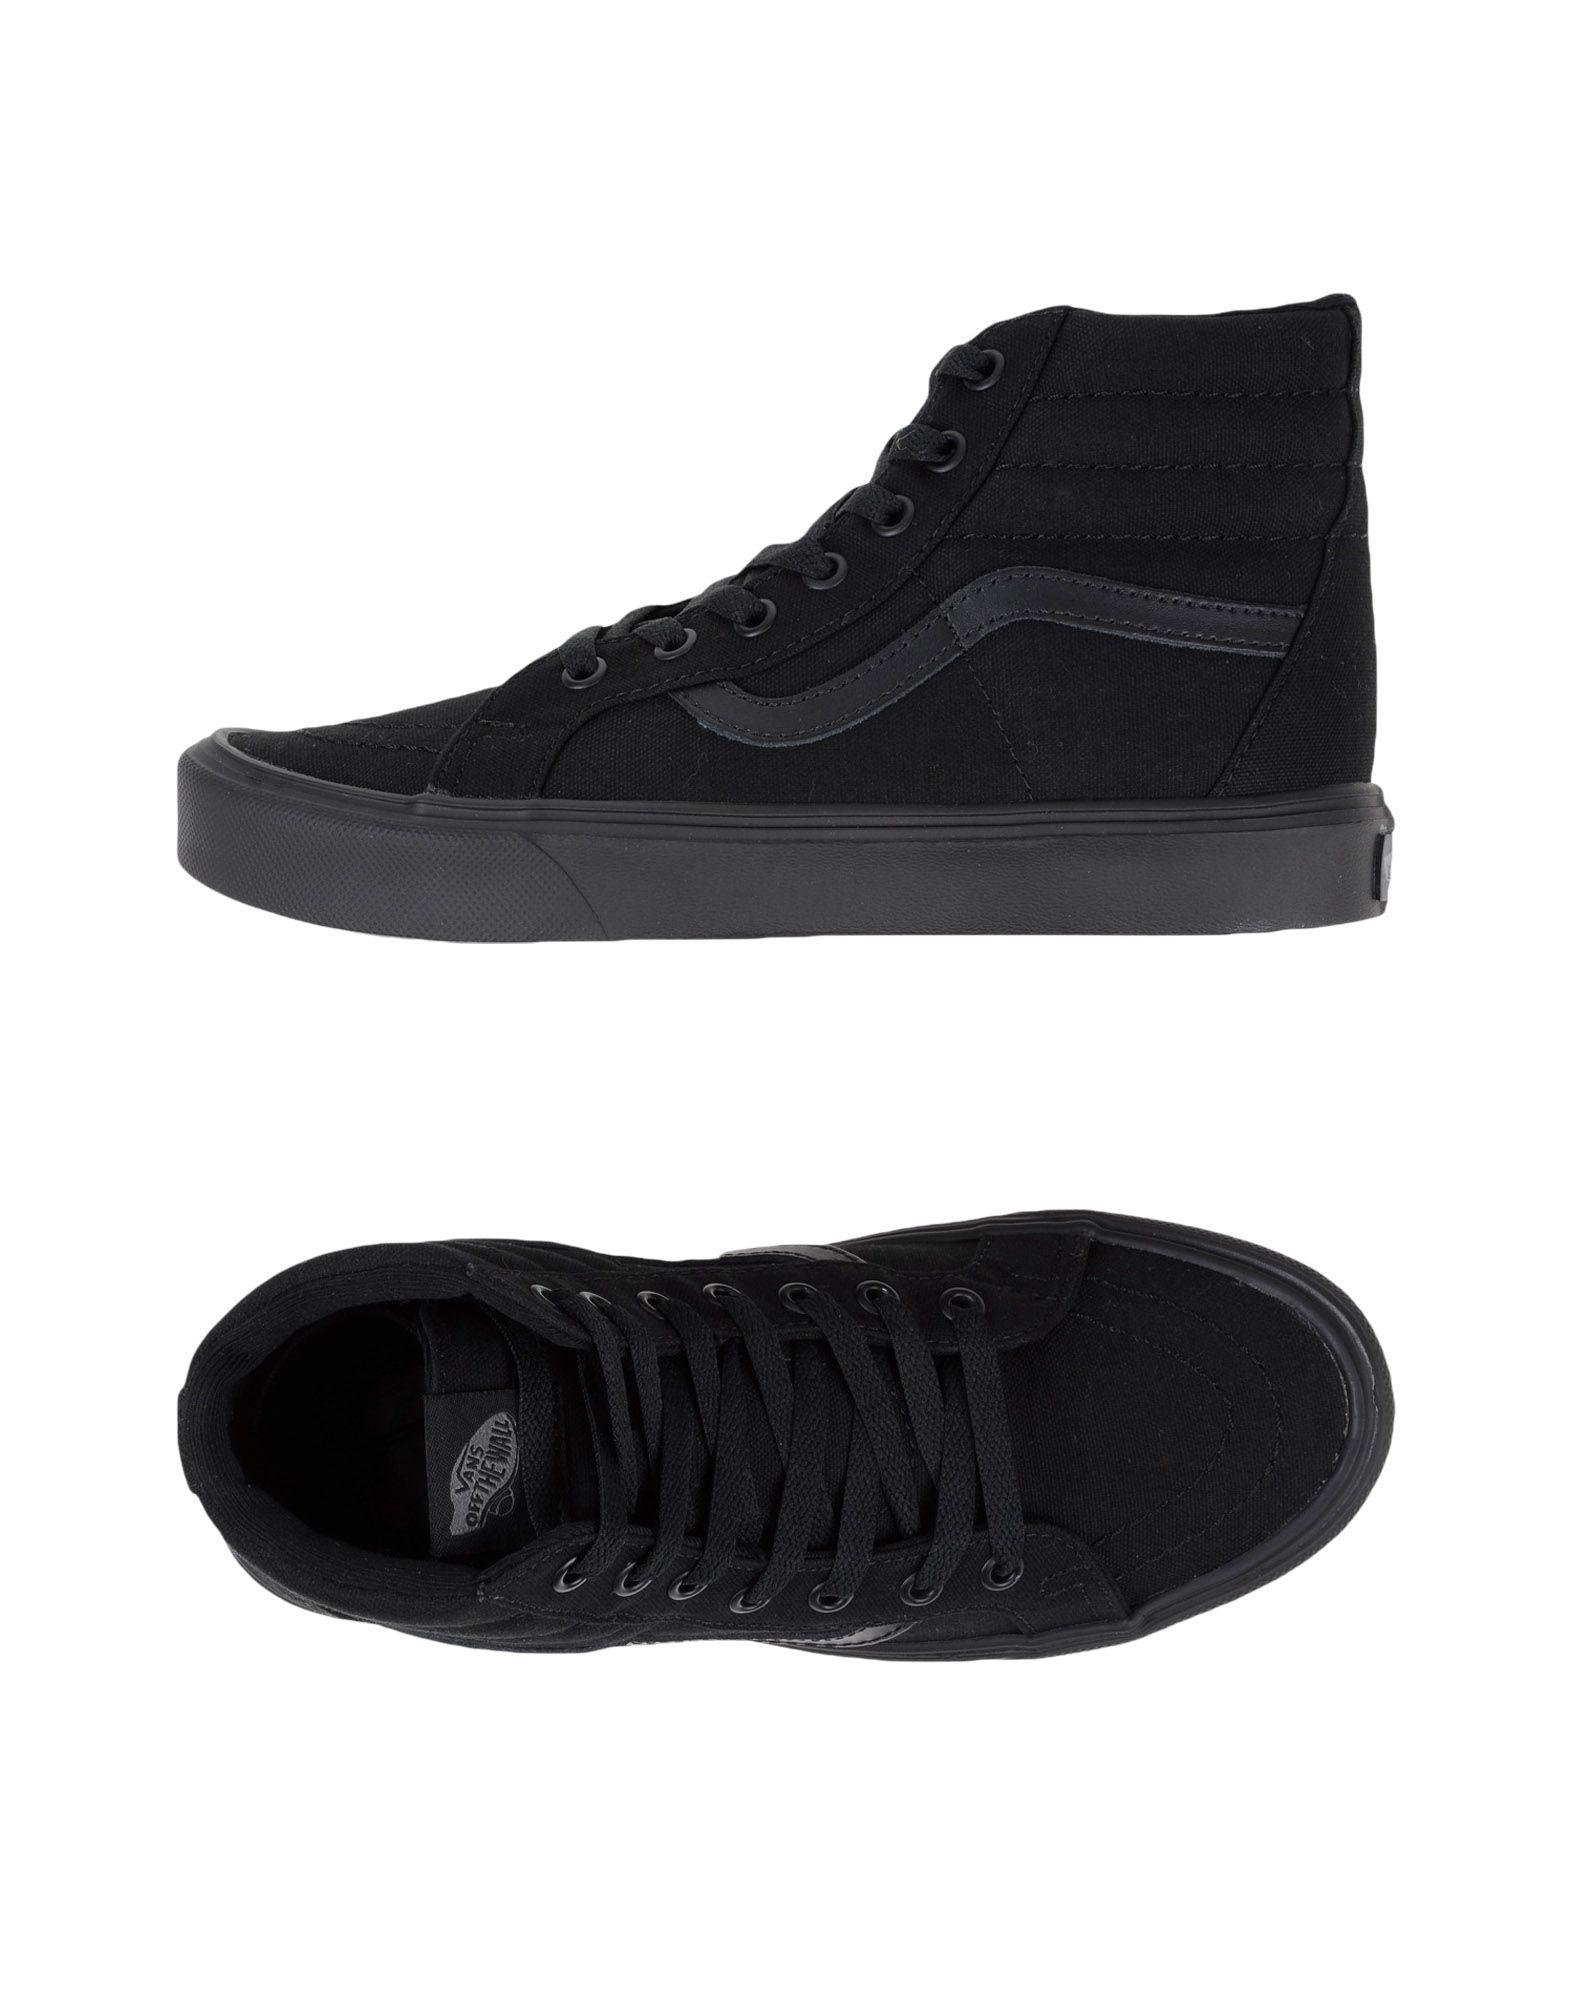 Rabatt echte  Schuhe Vans Sneakers Herren  echte 11135198PU 3beb31